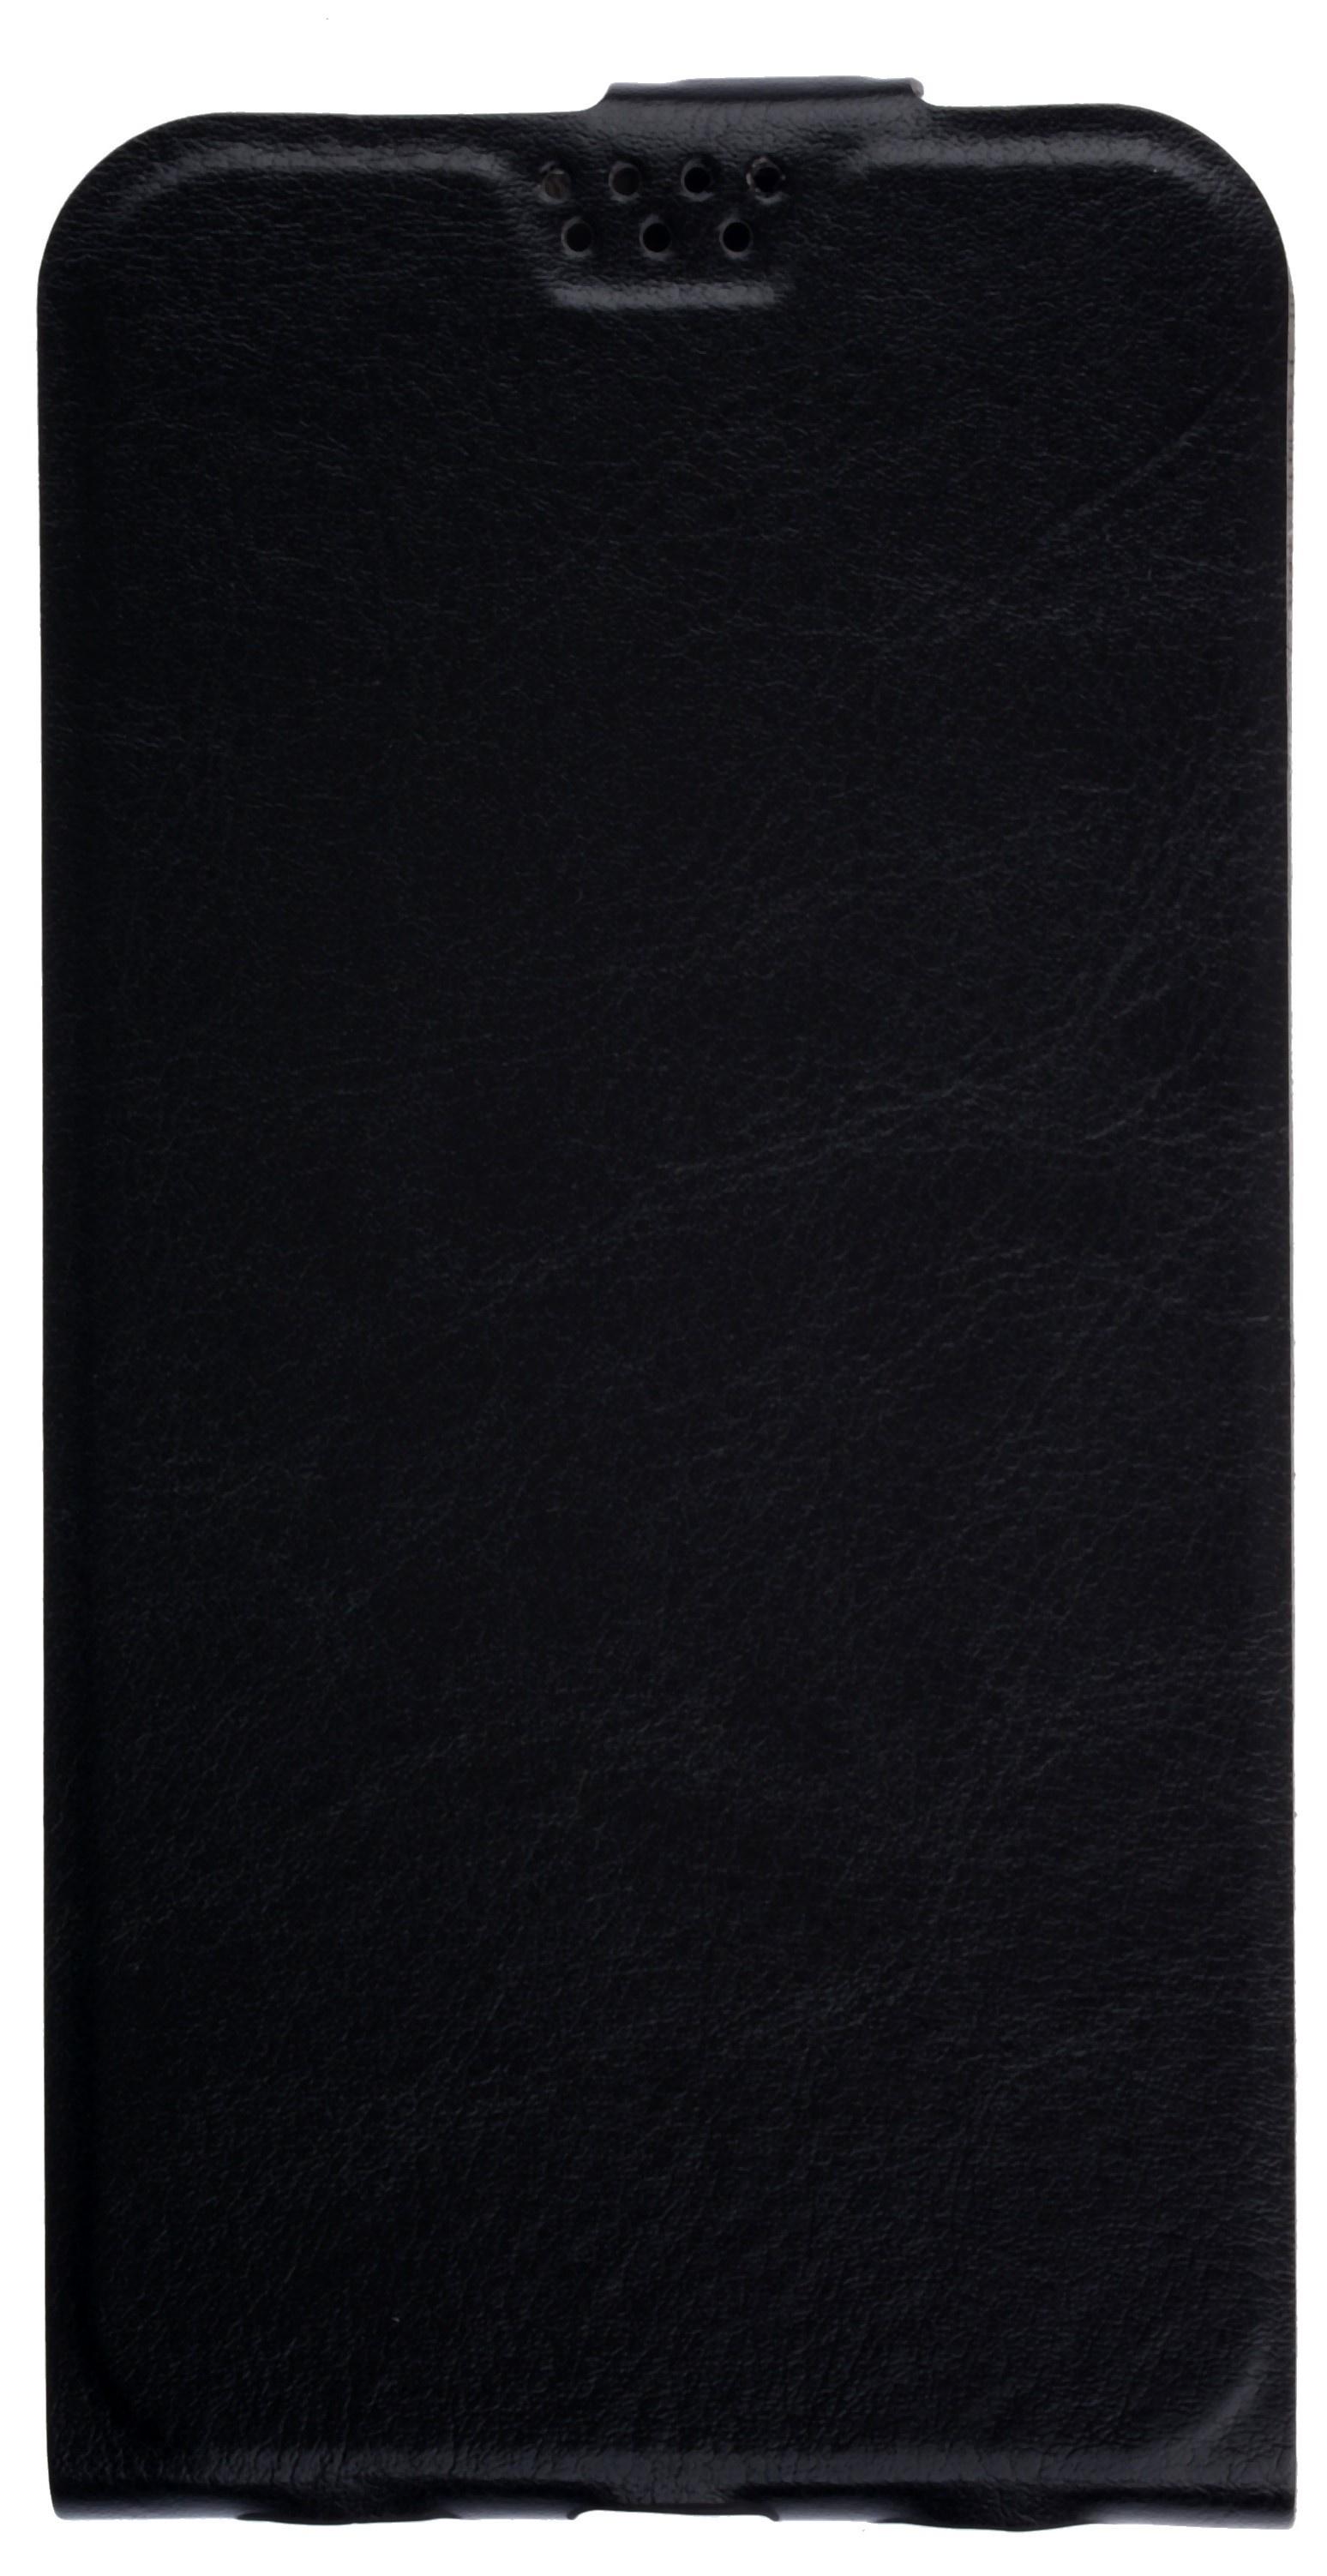 купить Чехол для сотового телефона skinBOX Flip slim, 4630042529618, черный по цене 190 рублей